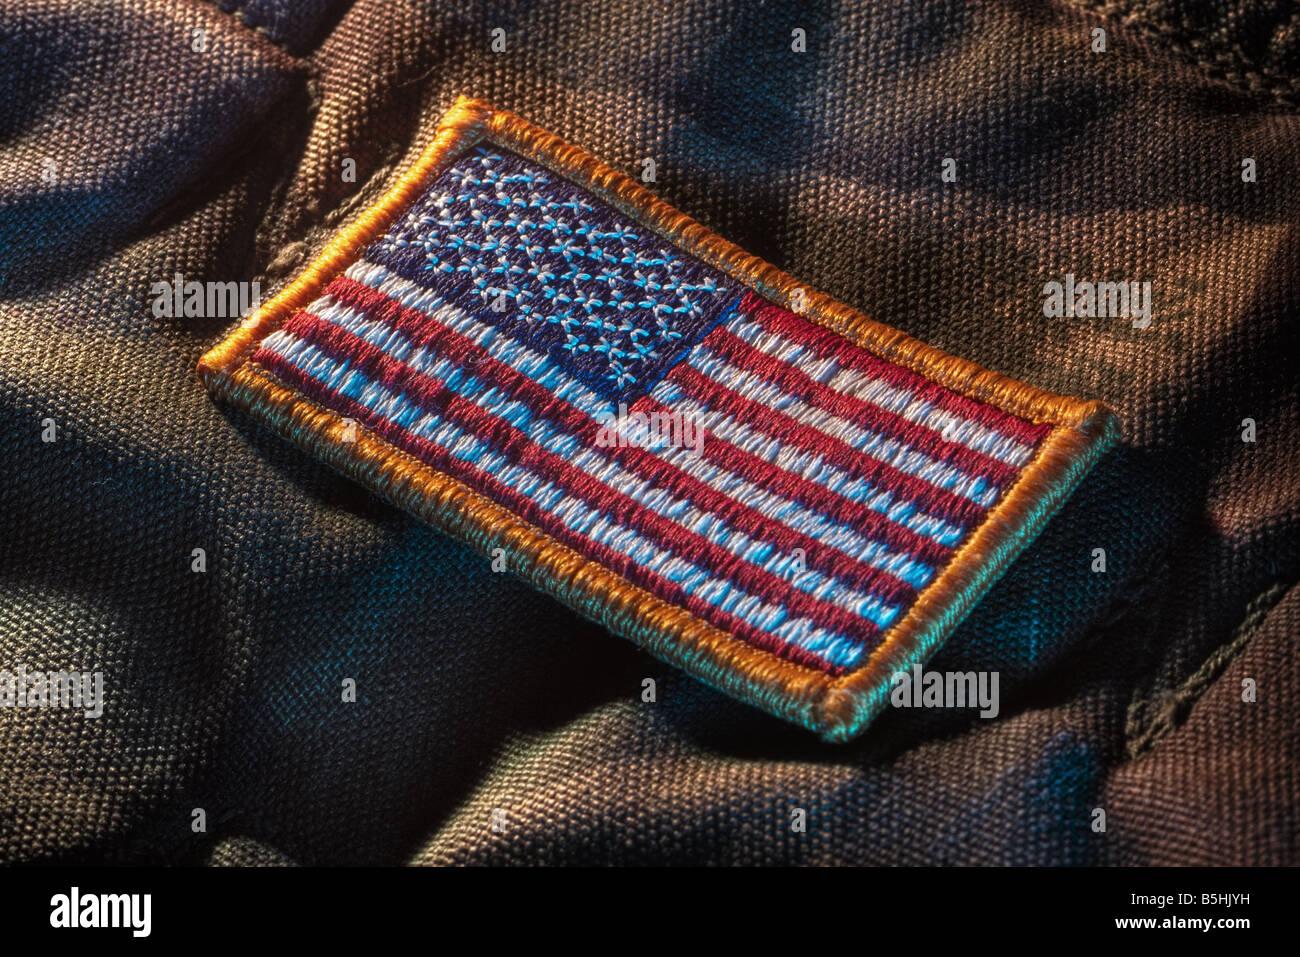 Nous amovible sur patch drapeau tissu camouflage militaire Photo Stock